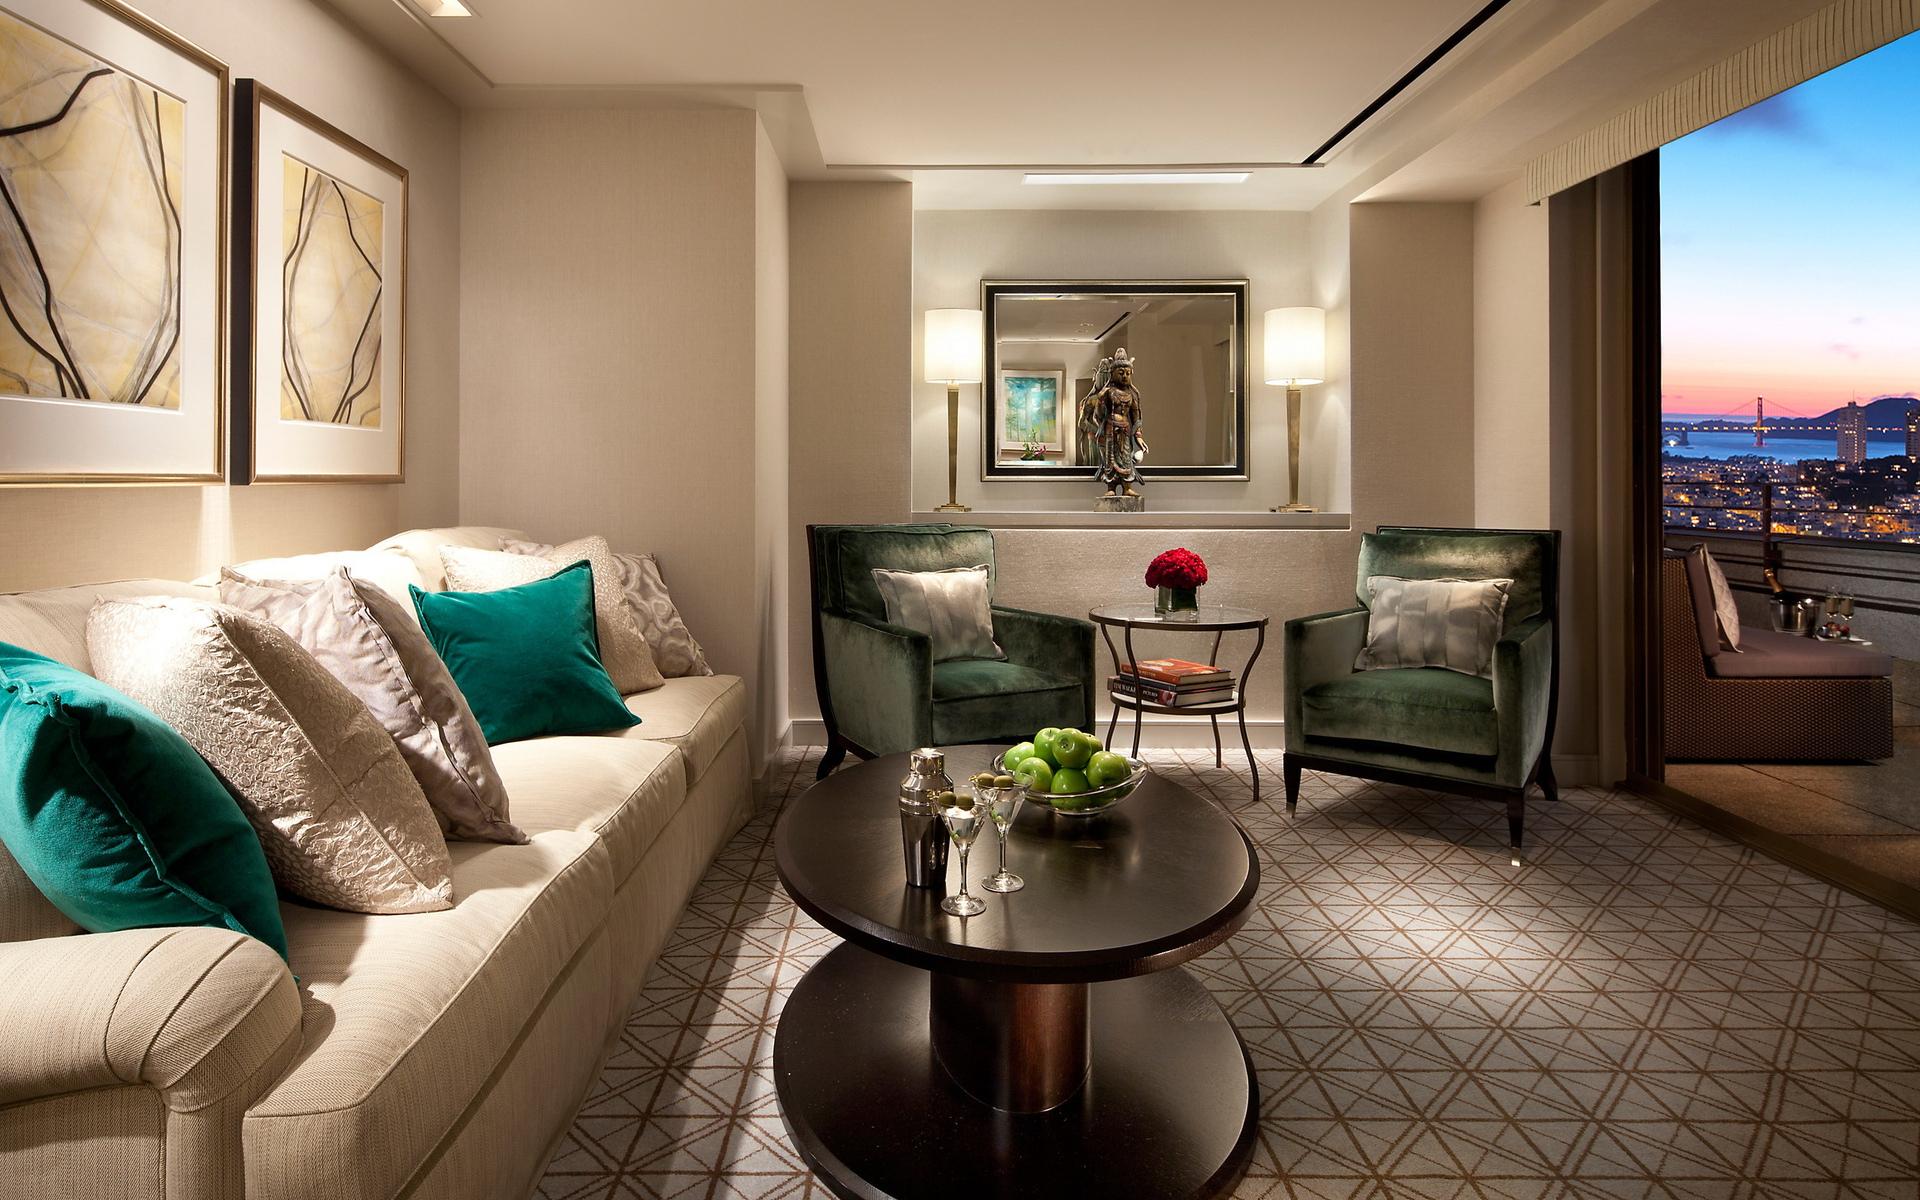 гостиная, диван, подушки